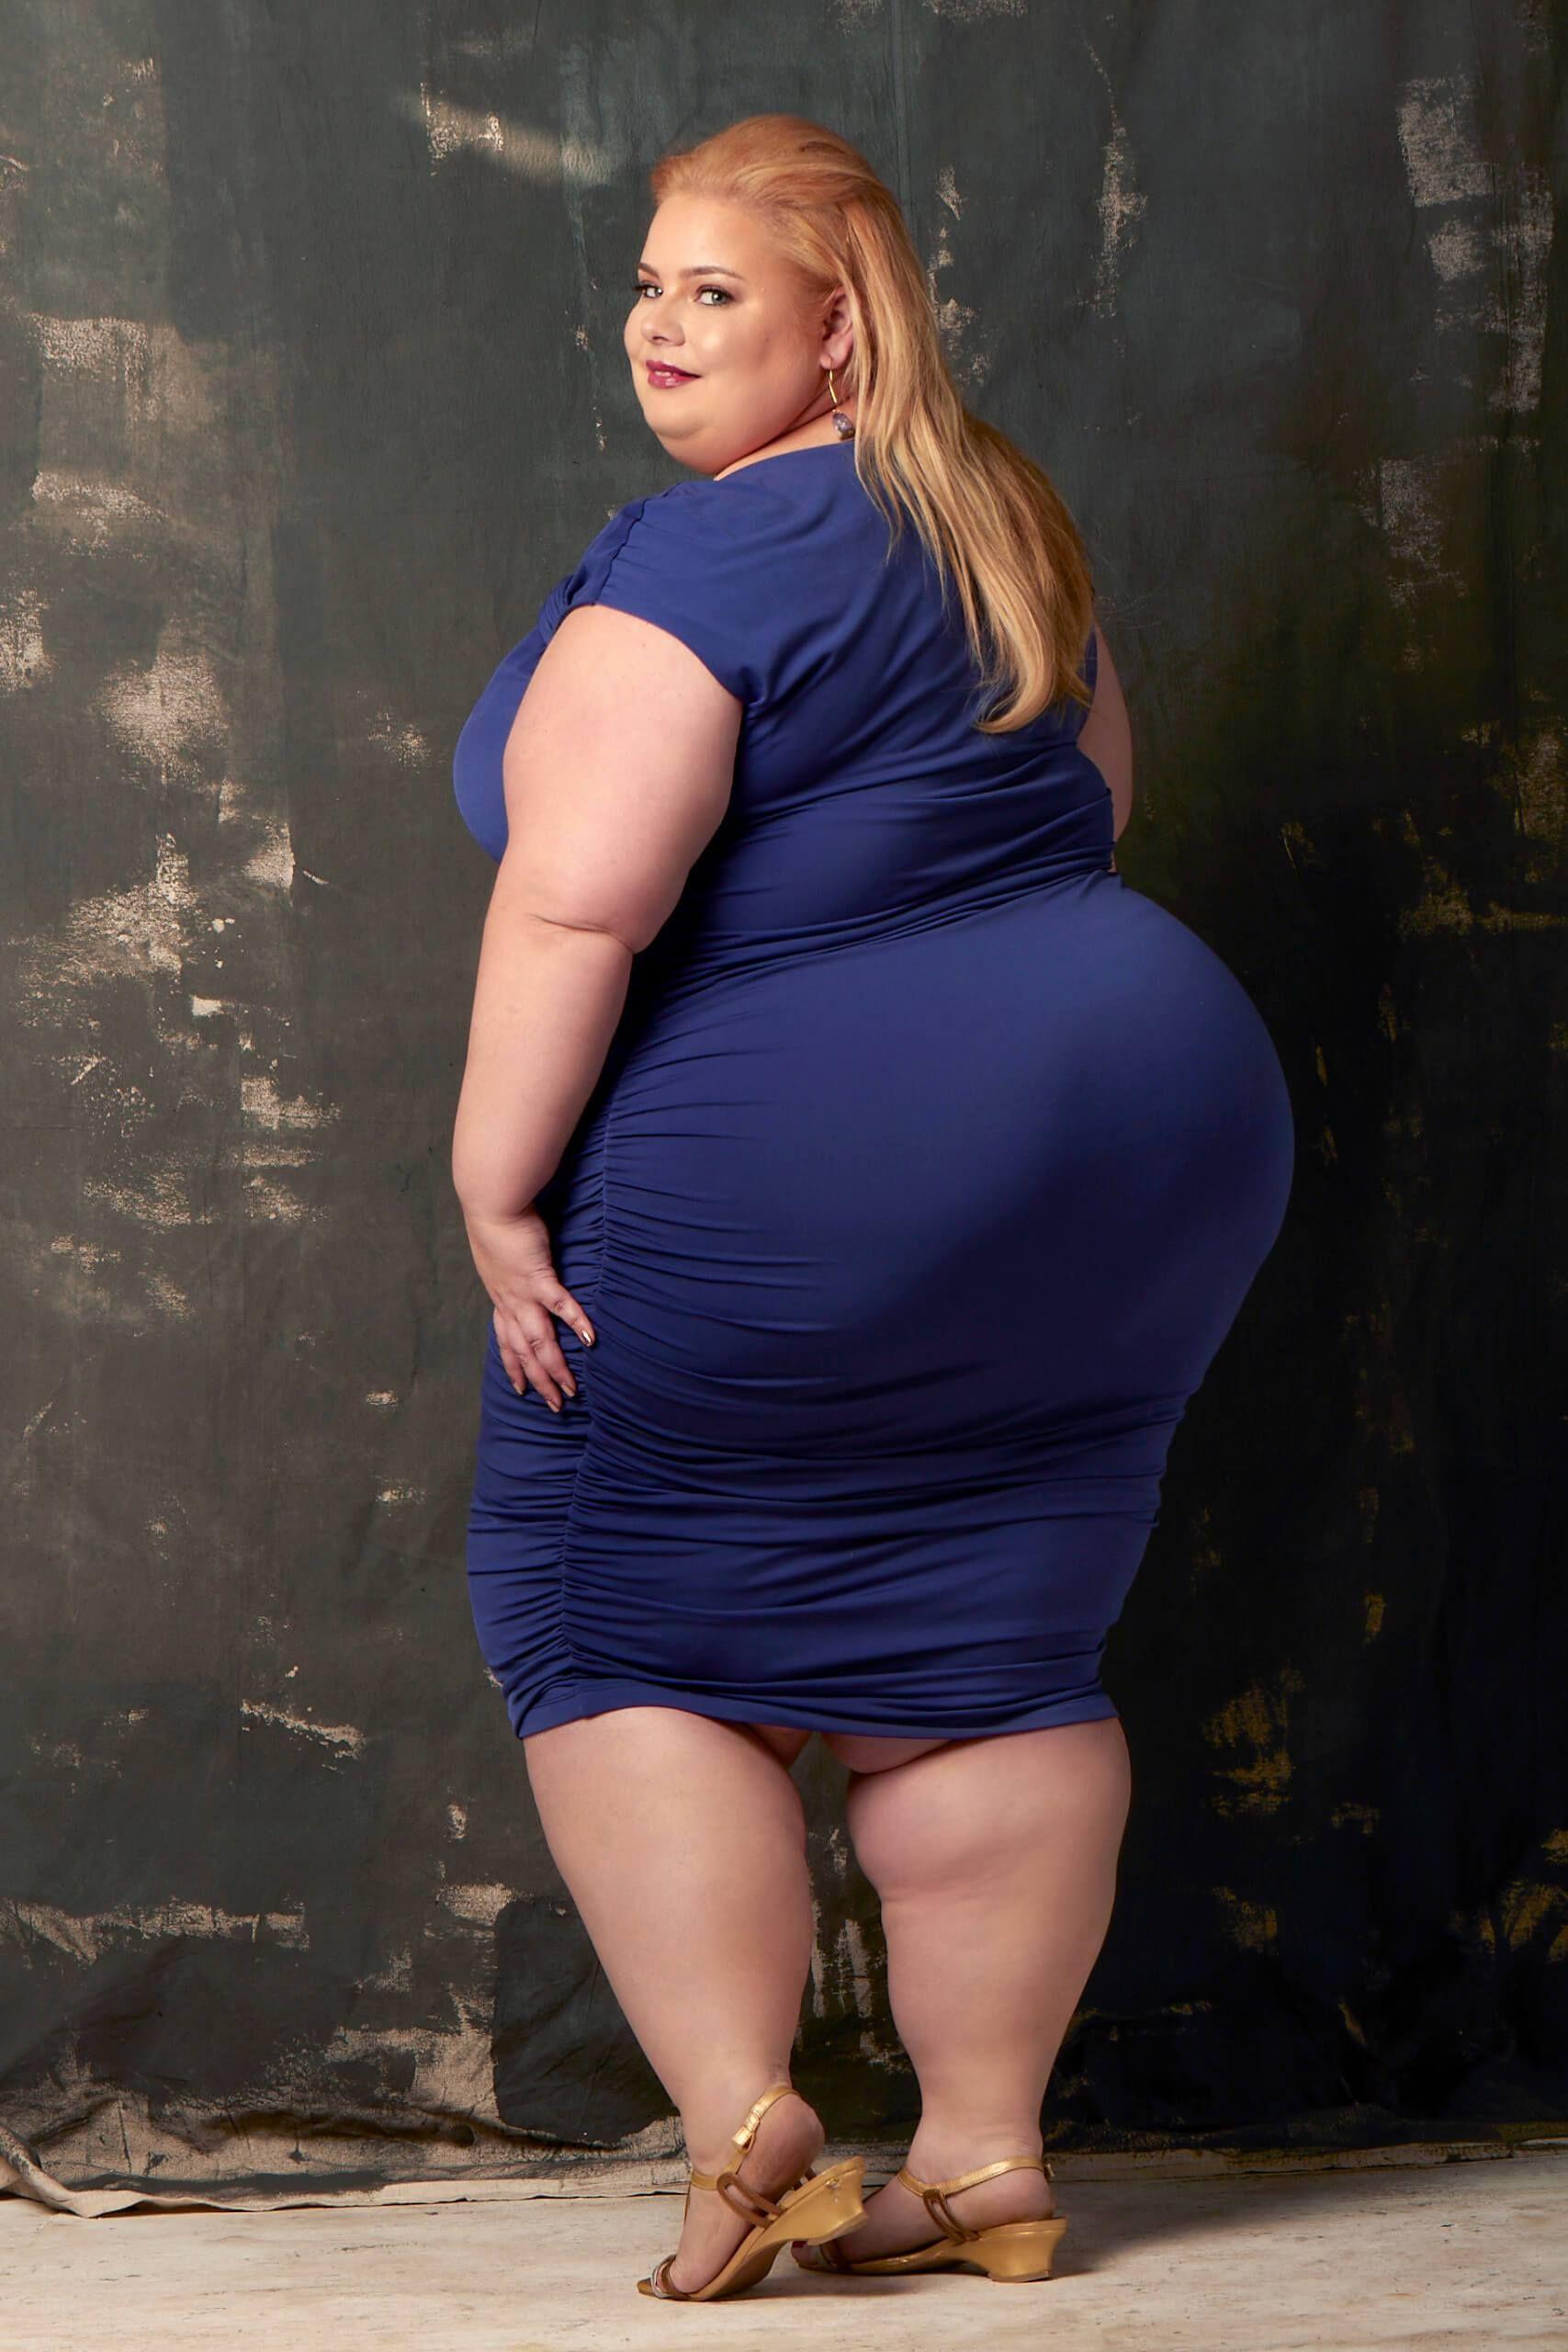 асфальту самые большие фото толстушек один